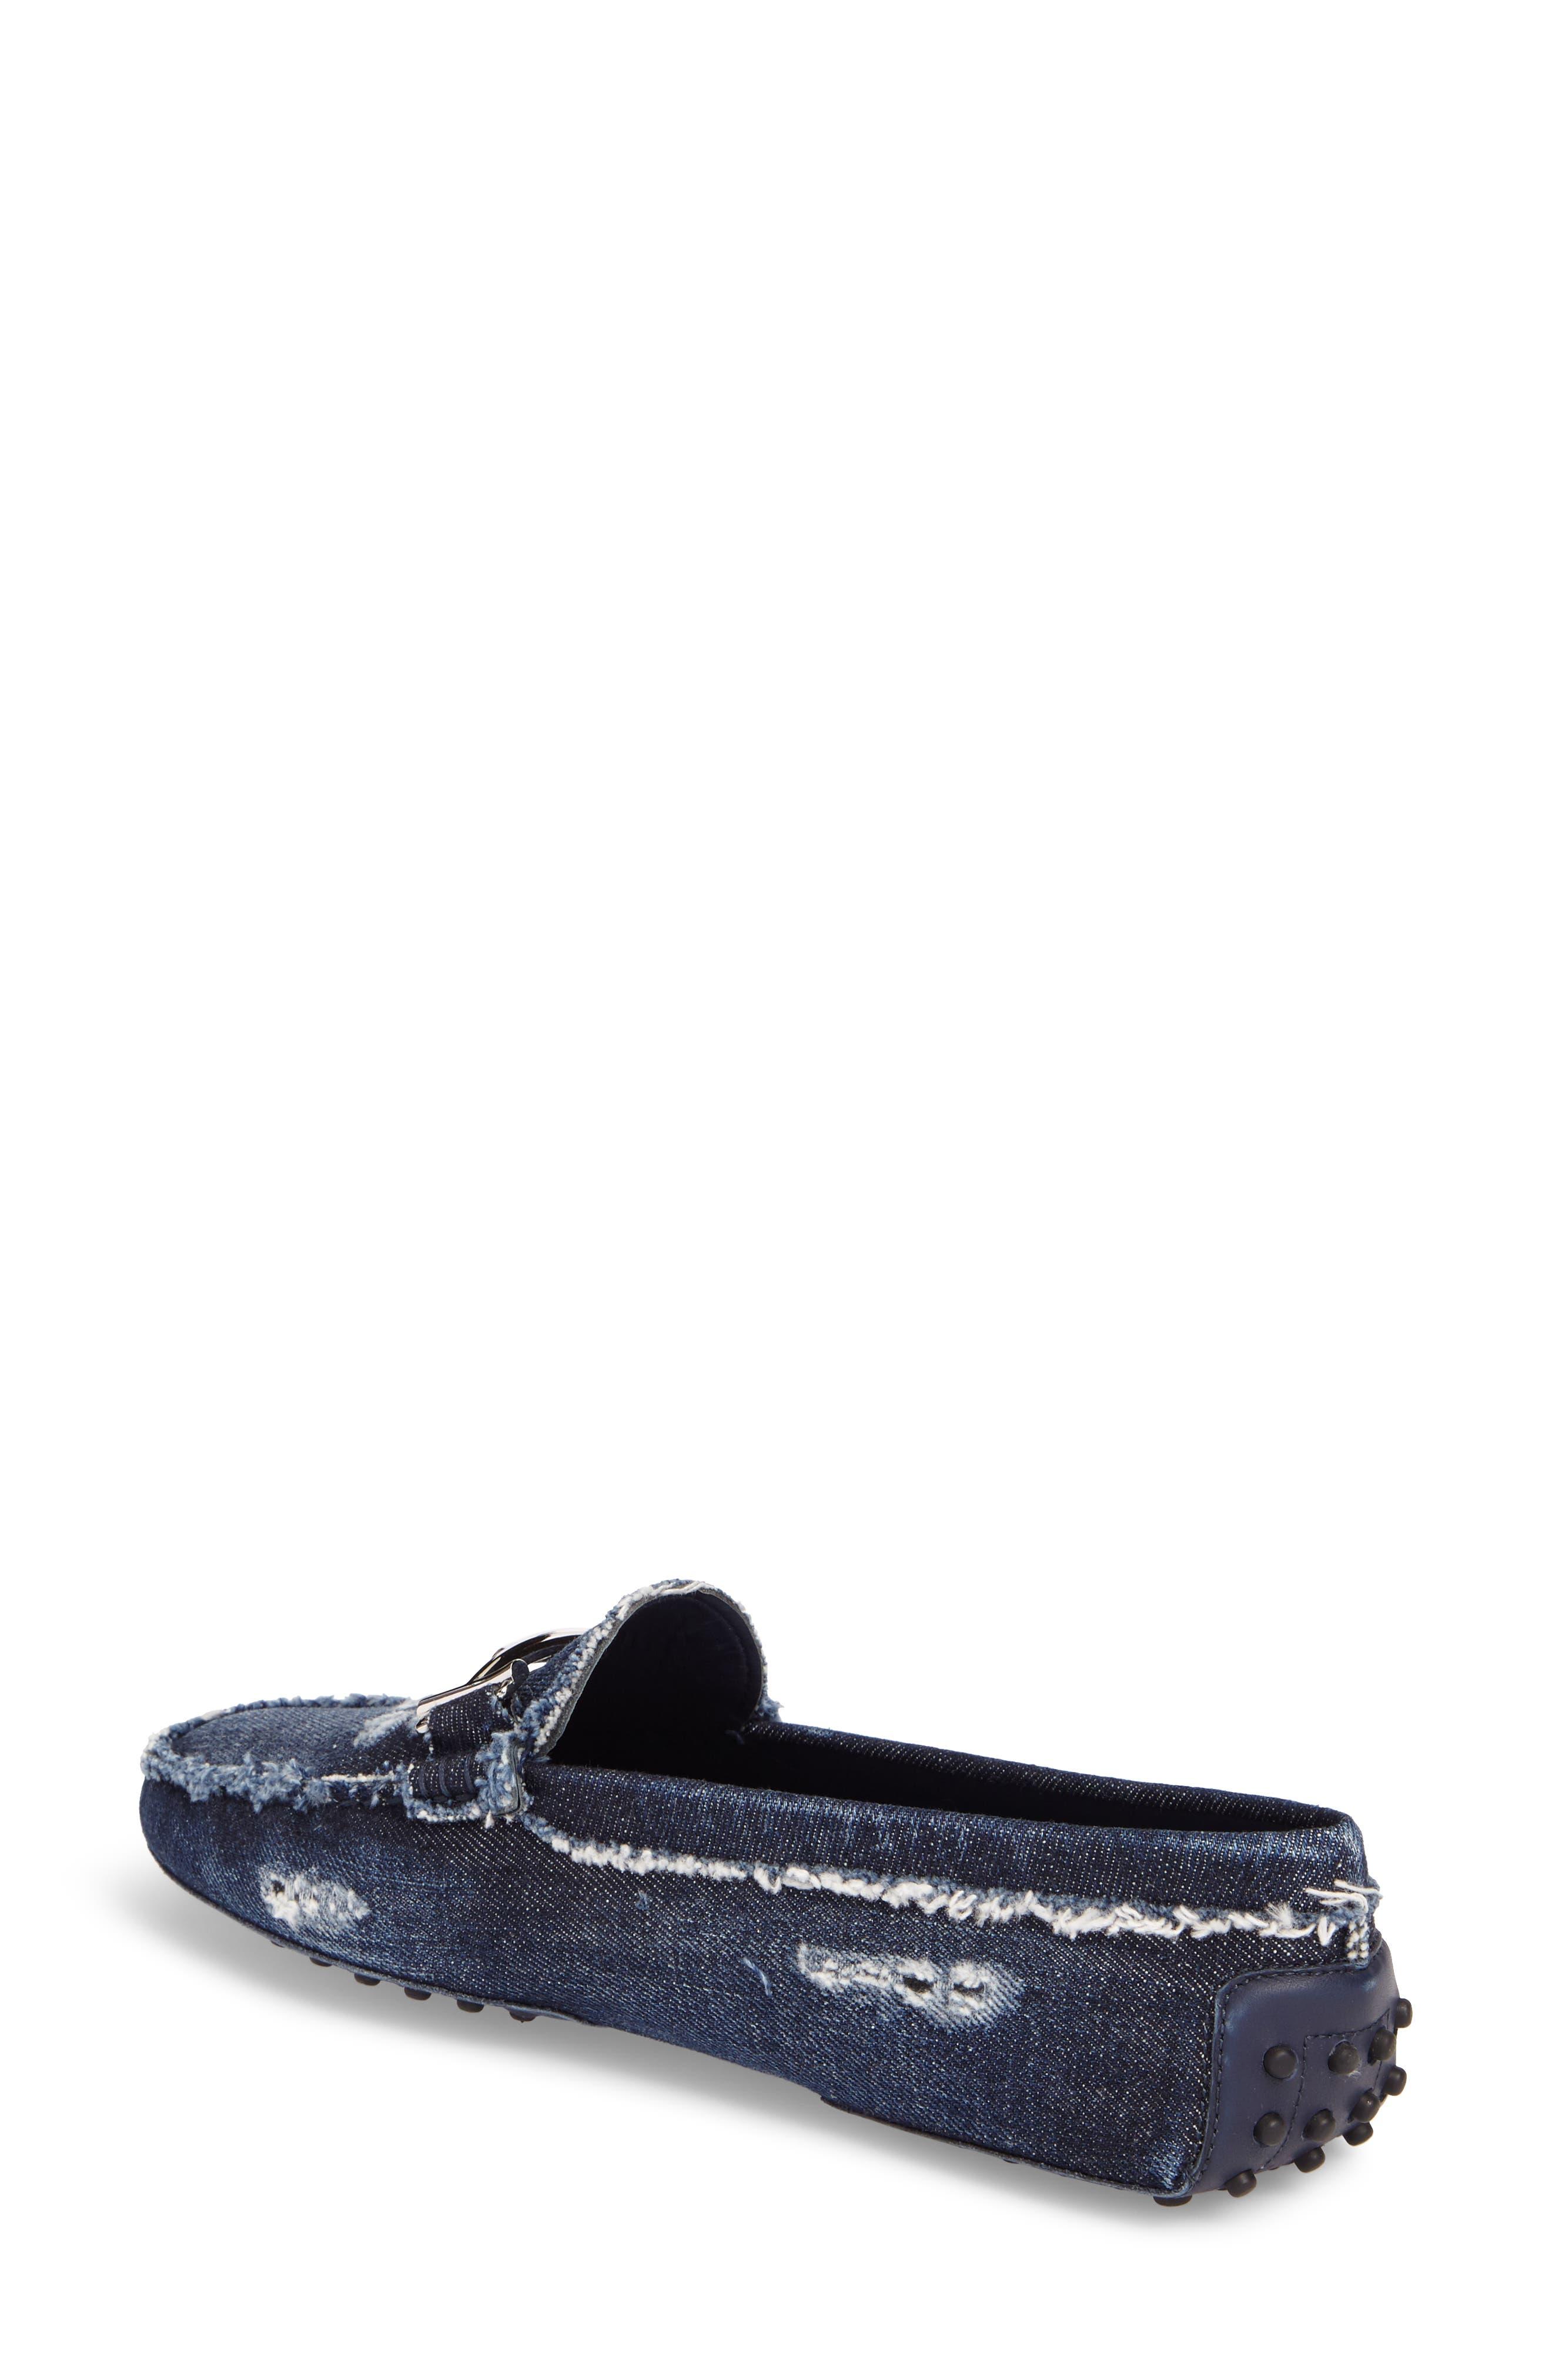 Gommino Double T Loafer,                             Alternate thumbnail 2, color,                             Denim Blue